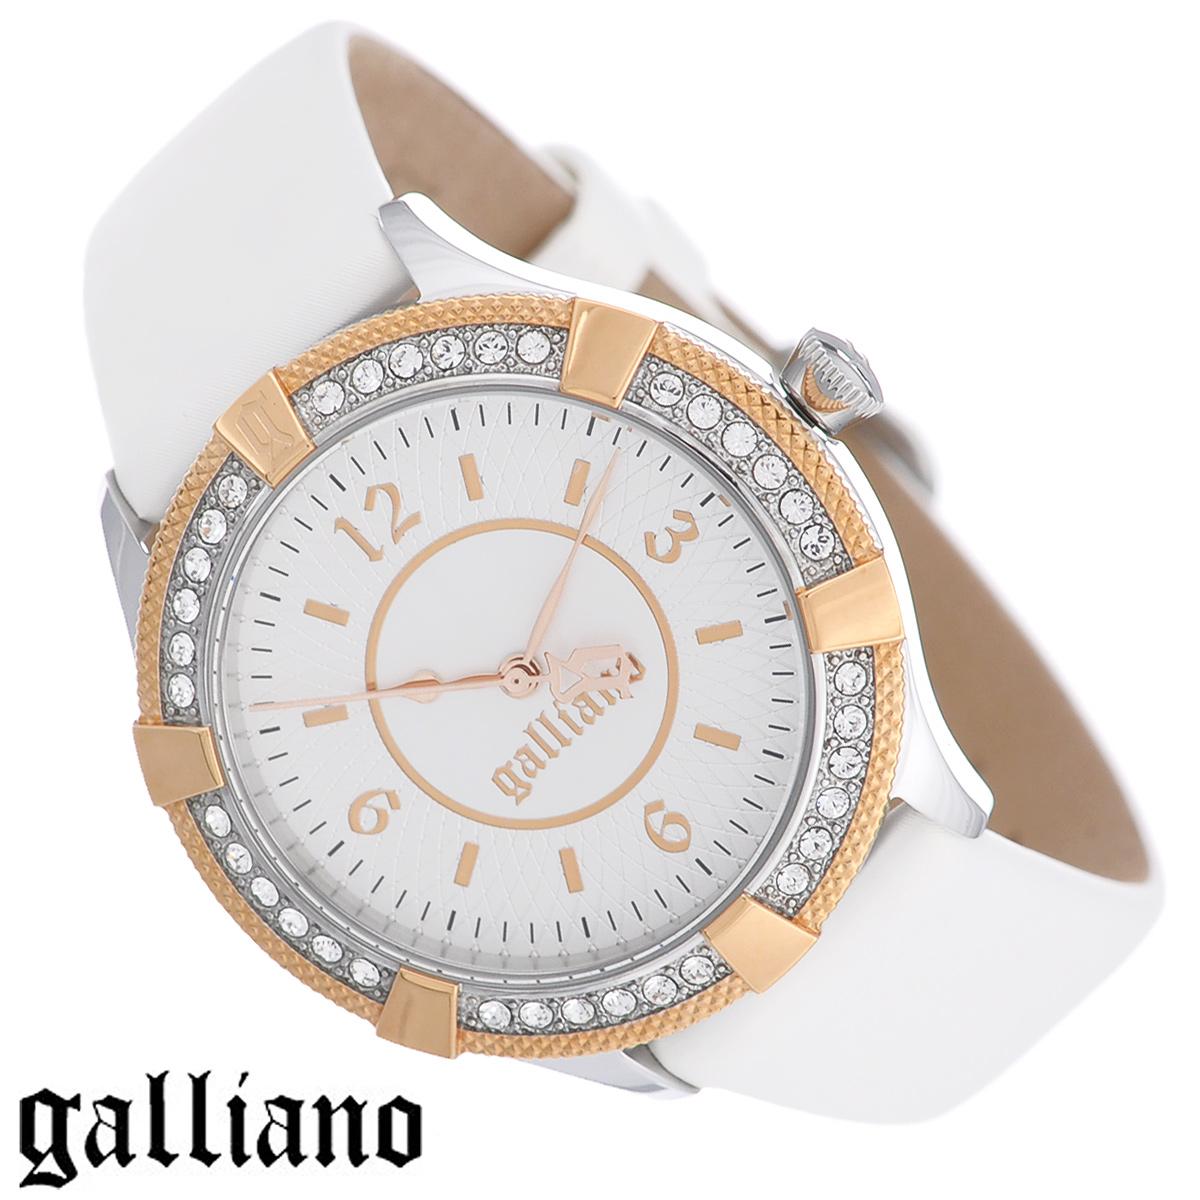 Часы женские наручные Galliano, цвет: белый, золотой. R2551113501R2551113501Наручные женские часы Galliano оснащены кварцевым механизмом. Корпус выполнен из высококачественной нержавеющей стали и инкрустирован кристаллами. Циферблат с арабскими цифрами и отметками защищен минеральным стеклом. Часы имеют три стрелки - часовую, минутную и секундную. Ремешок часов выполнен из натуральной кожи и оснащен классической застежкой. Часы укомплектованы паспортом с подробной инструкцией. Часы Galliano благодаря своему великолепному дизайну и качеству исполнения станут главным акцентом вашего образа. Характеристики: Диаметр циферблата: 2,8 см. Размер корпуса: 3,6 см х 3,6 см х 0,9 см. Длина ремешка (с корпусом): 21 см. Ширина ремешка: 1,7 см.